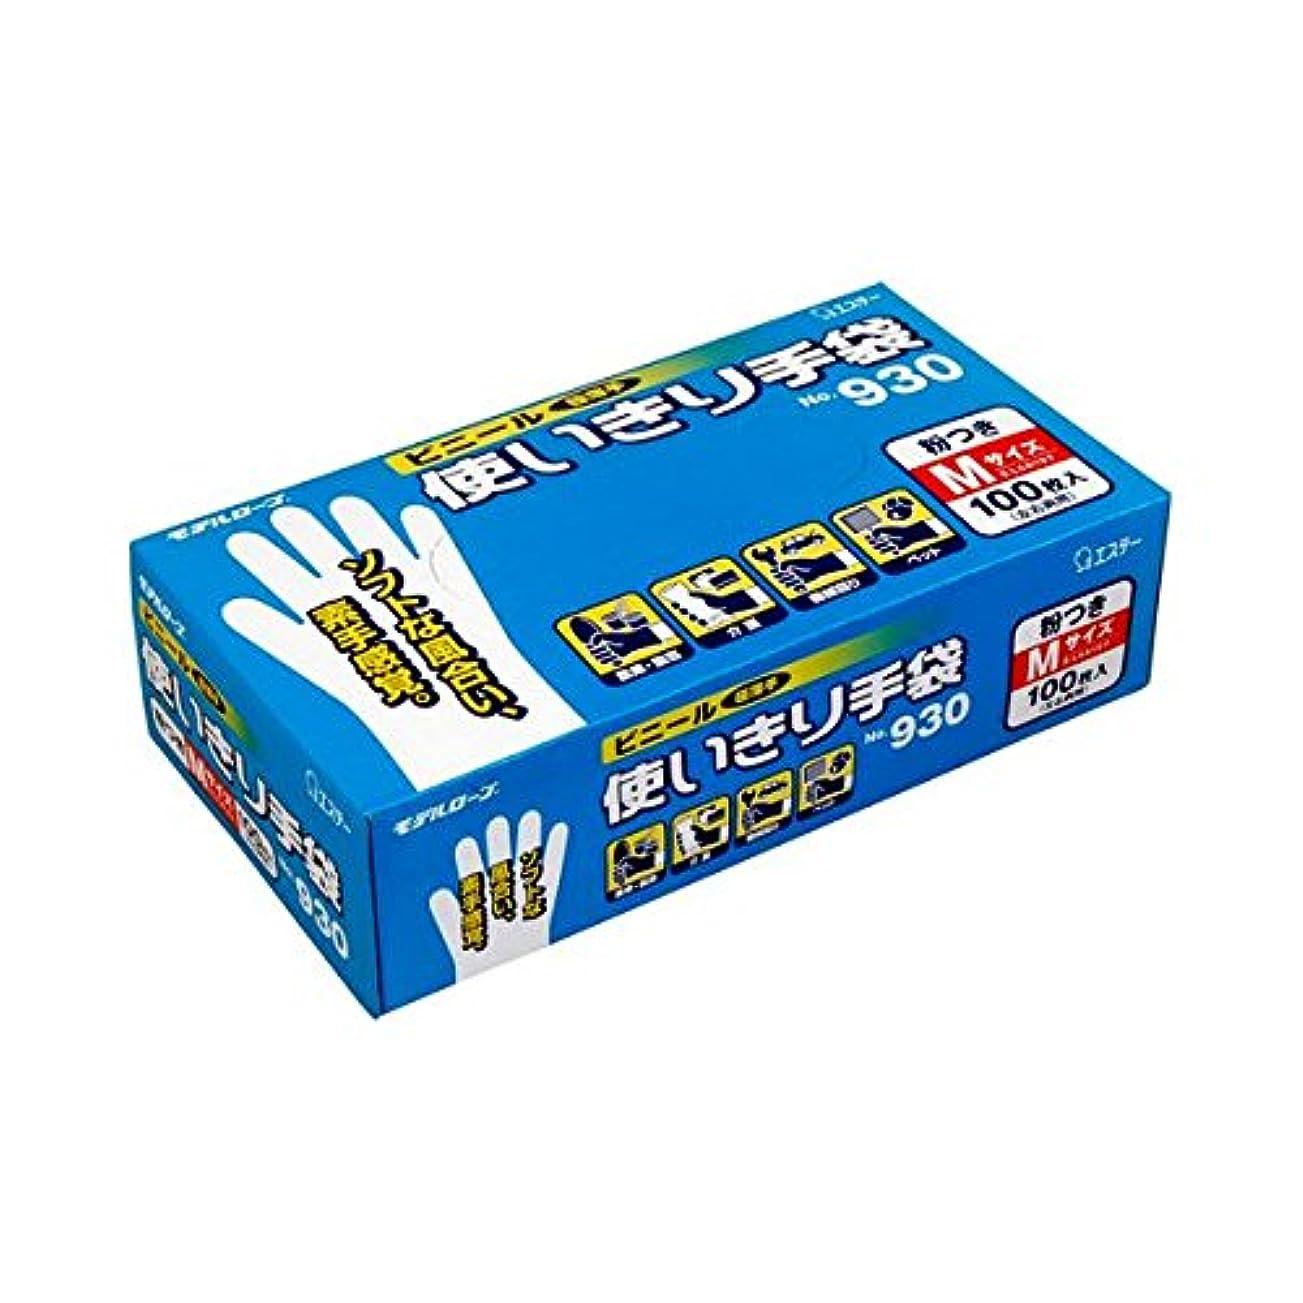 ロック艶ペンス(まとめ) エステー No.930 ビニール使いきり手袋(粉付) M 1箱(100枚) 【×5セット】 ds-1580597